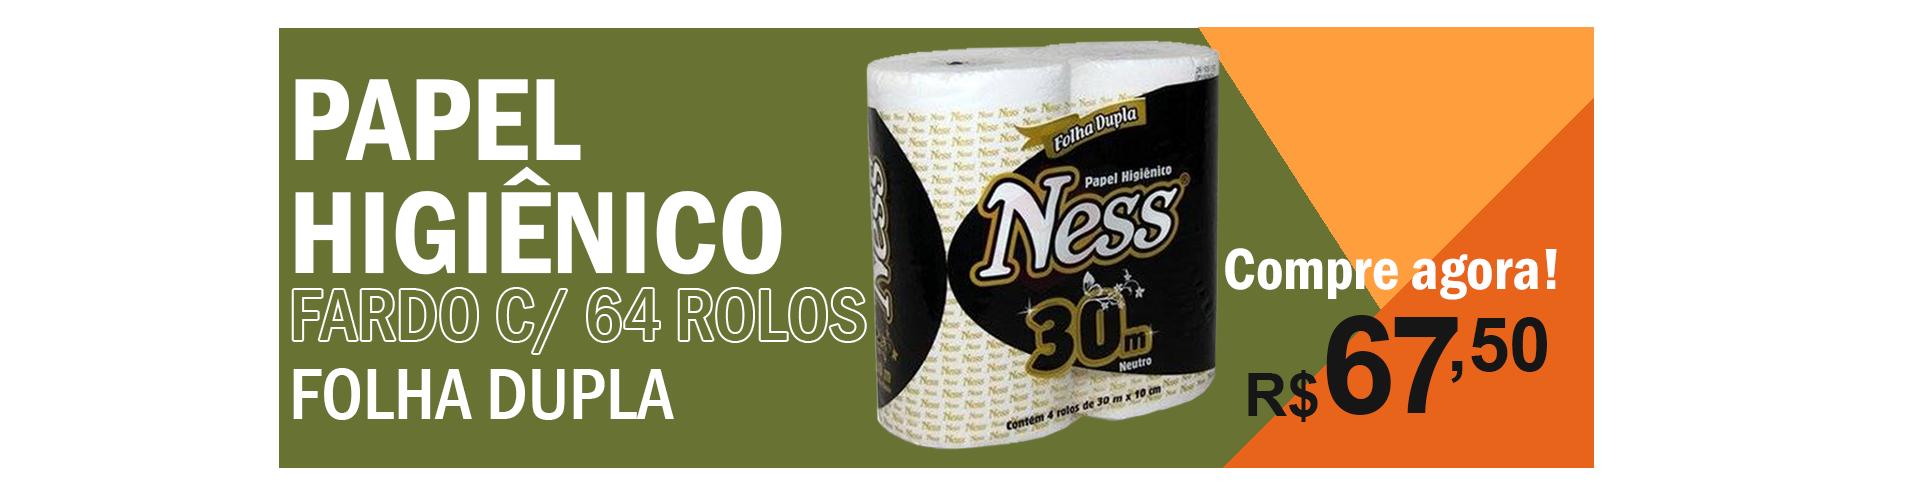 PAPEL HIGIÊNICO NESS FARDO COM 64 ROLOS